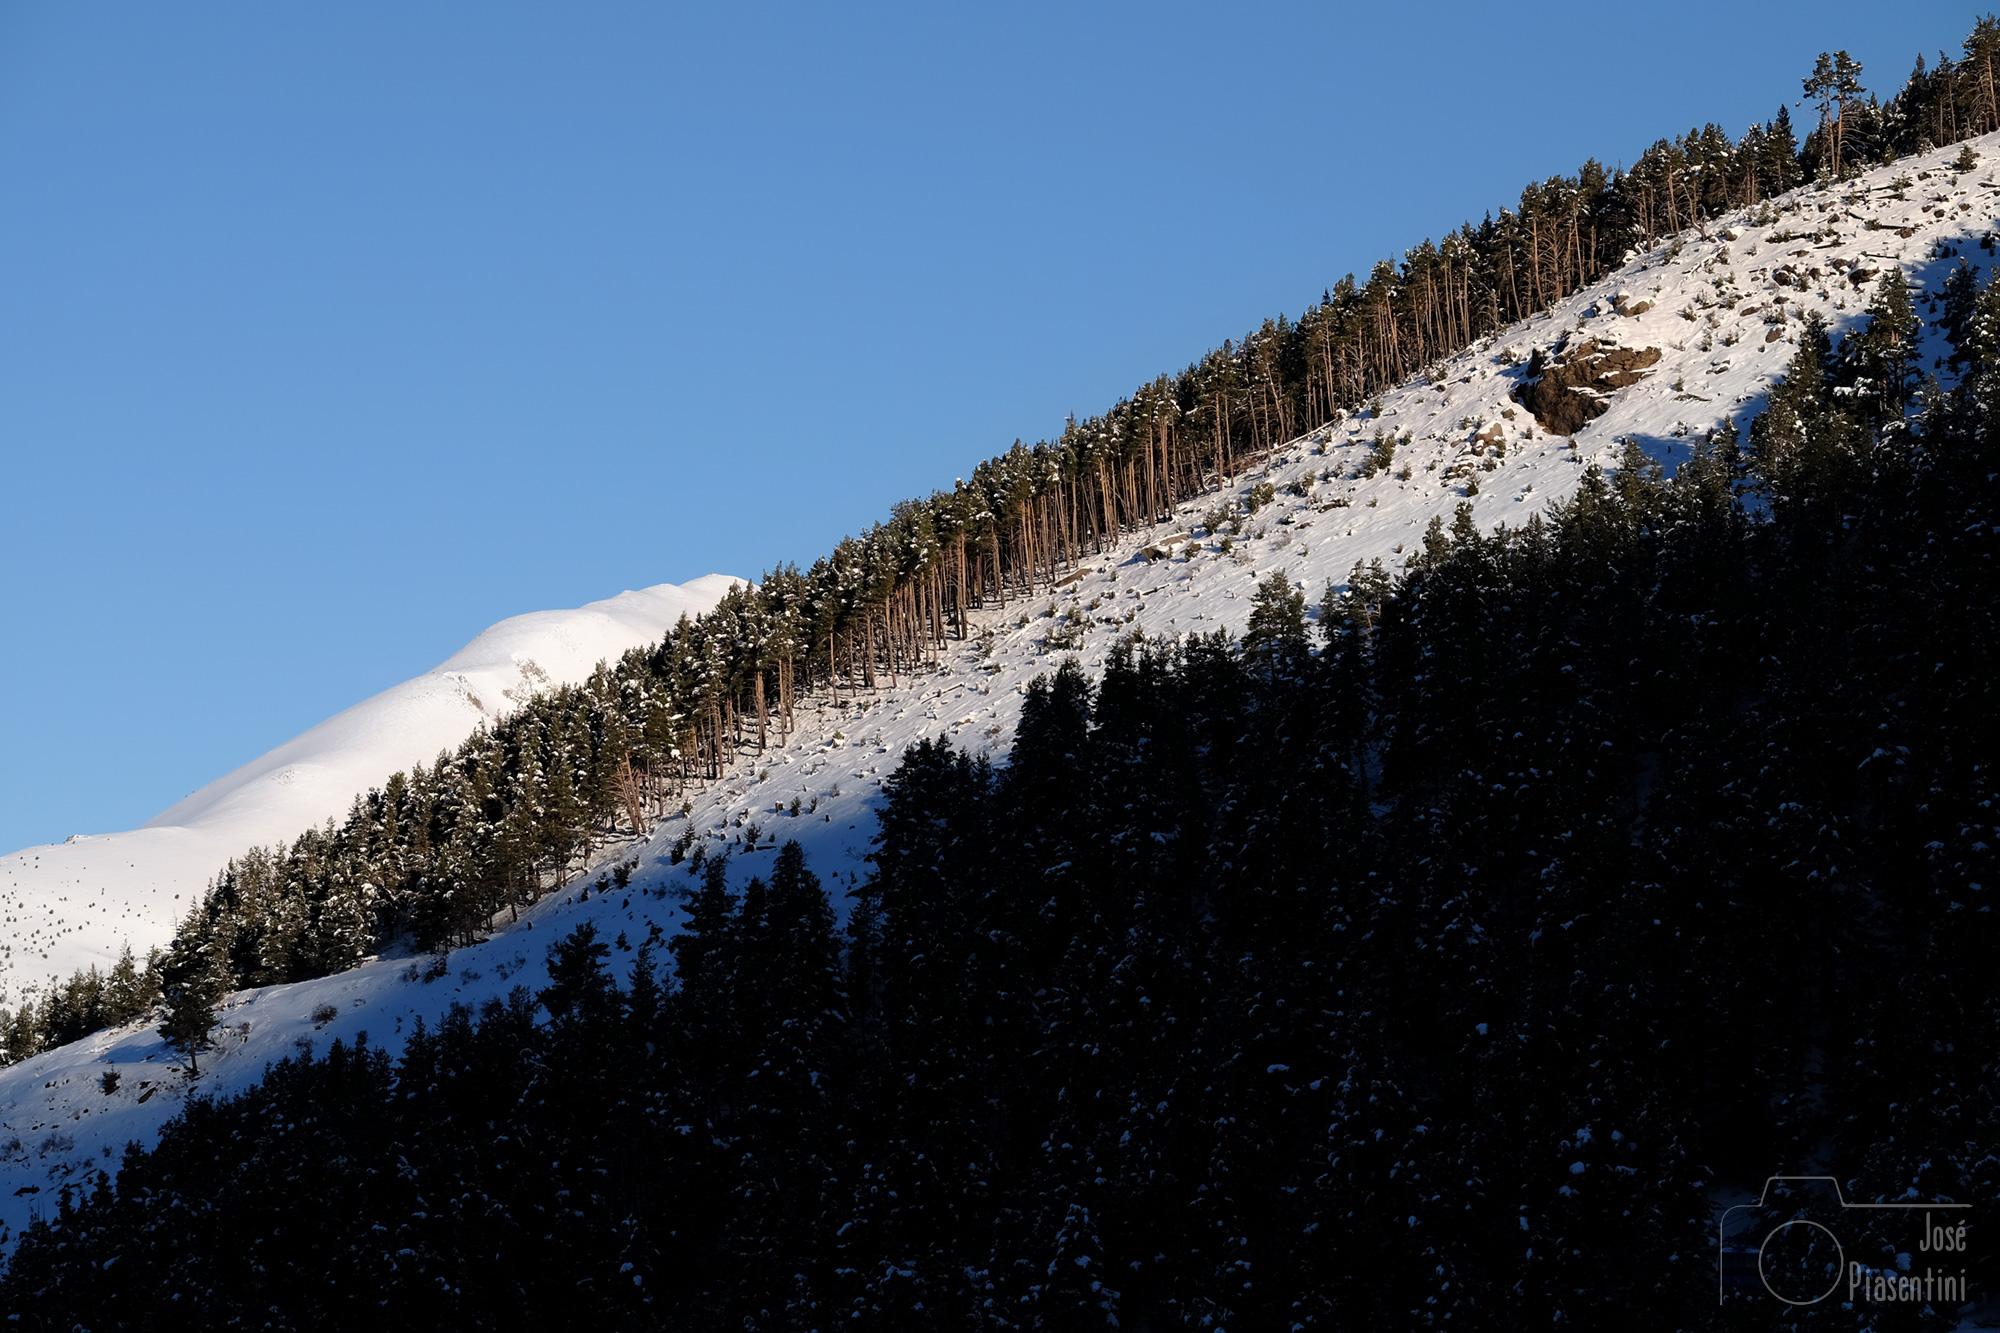 Els-Cortals-d-Encamp-Andorra